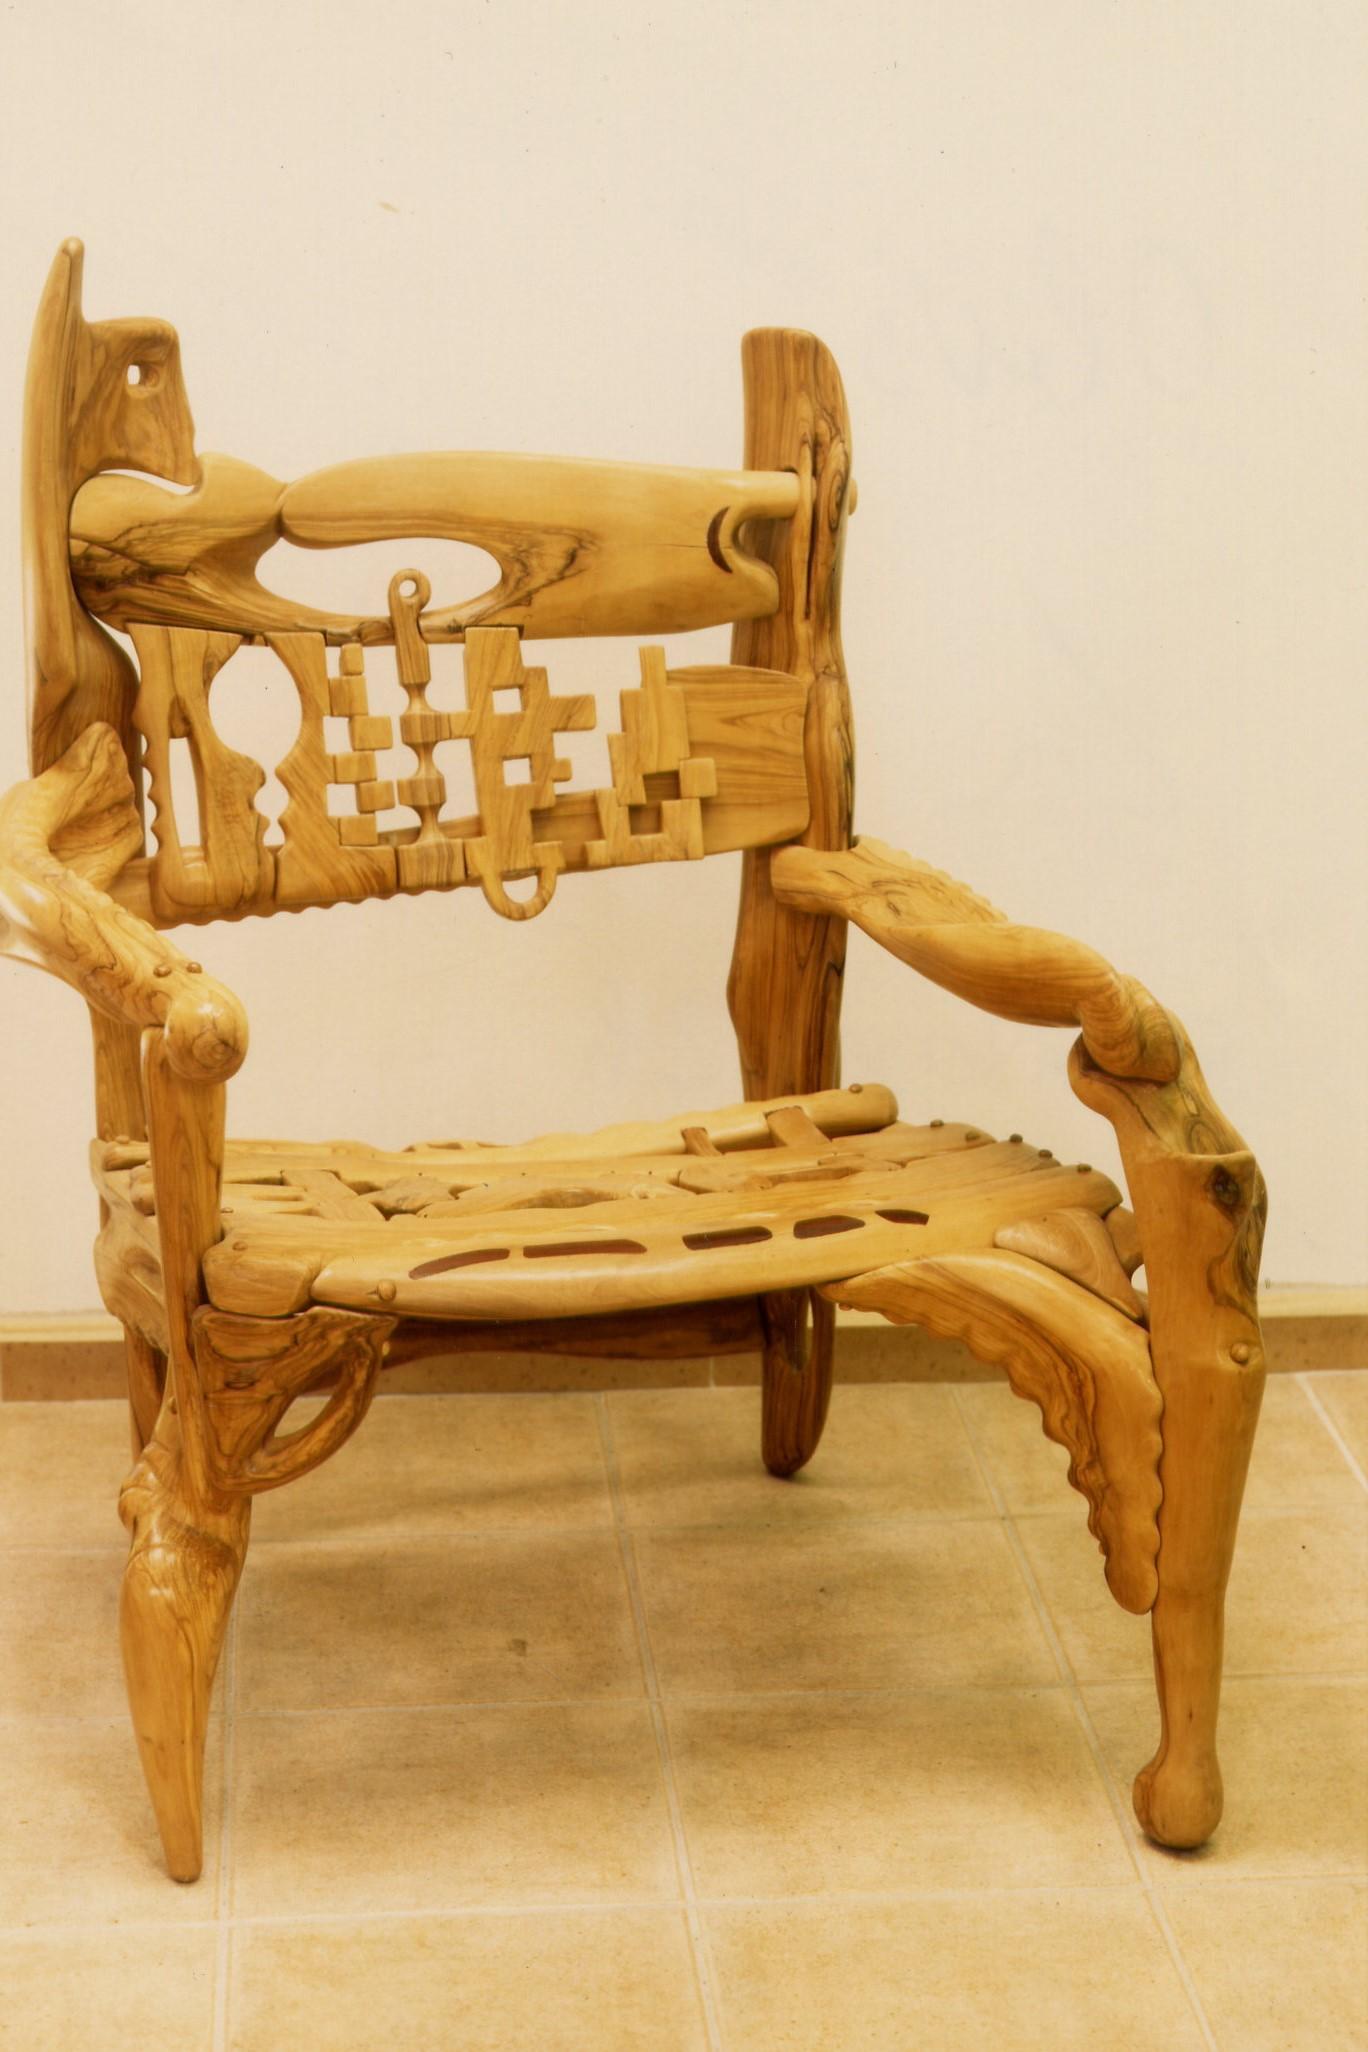 Morceau De Bois Brut lutfi romhein, les meubles d'un sculpteur – histoire du mobilier